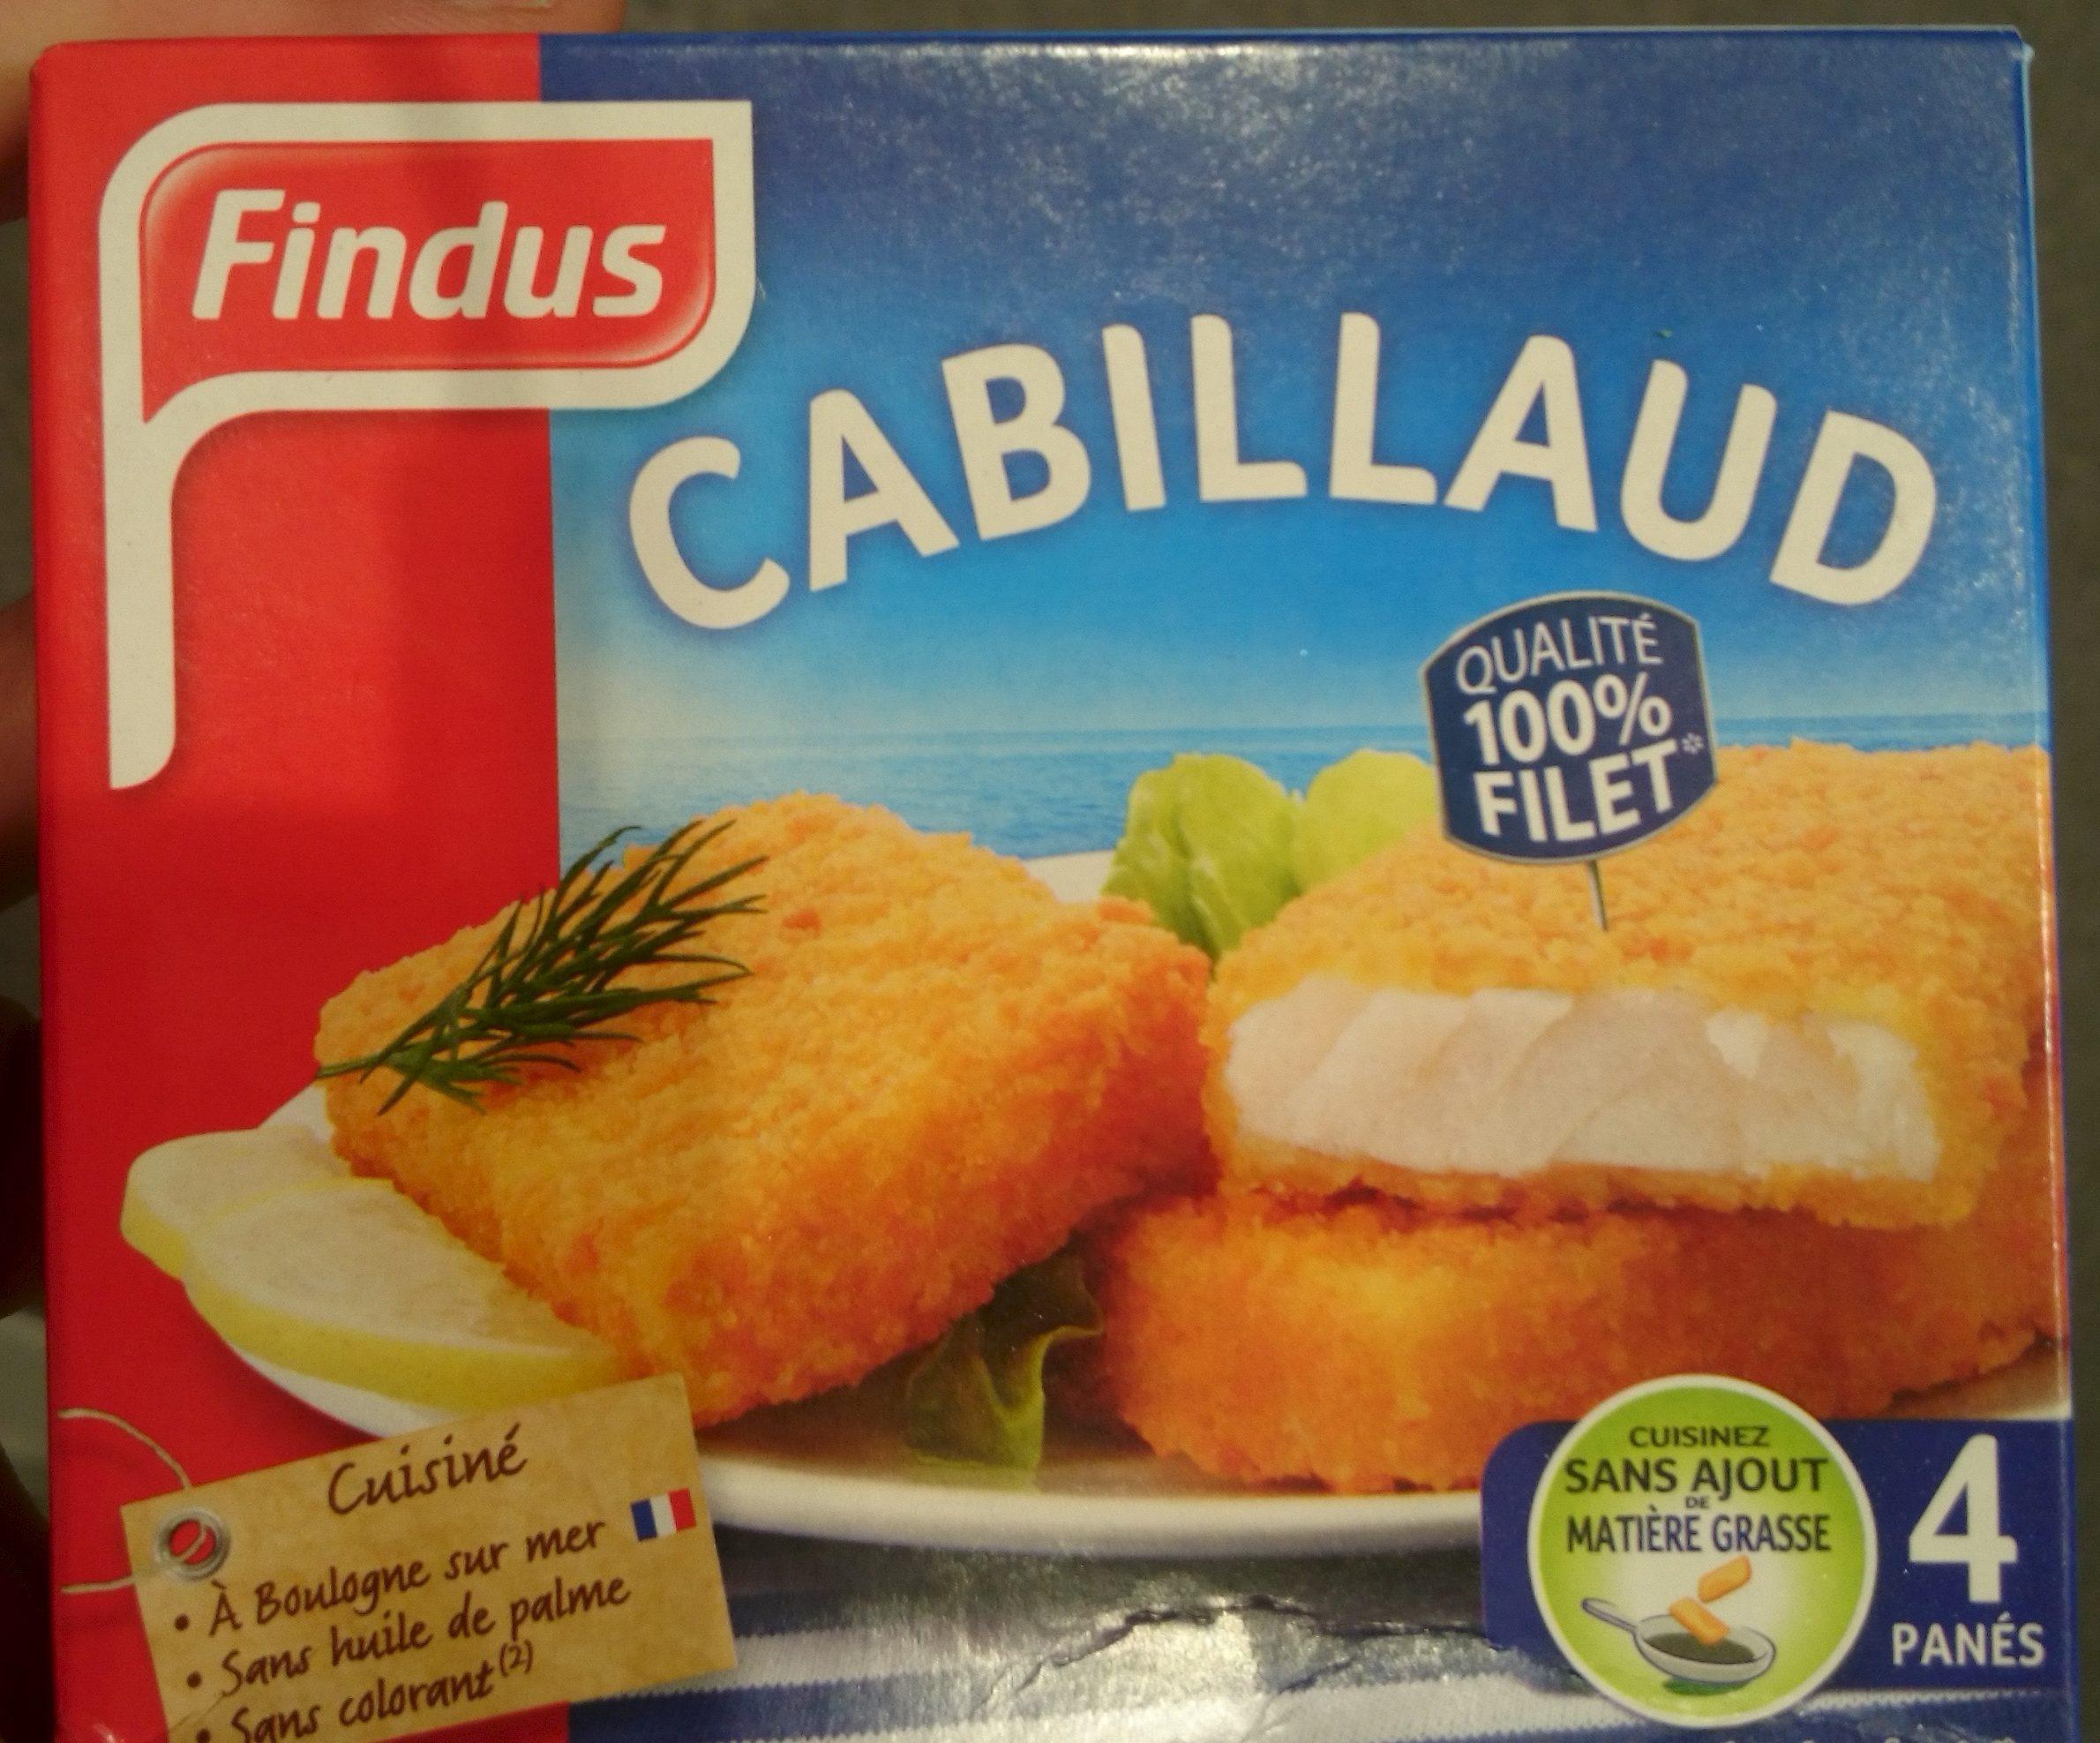 4 Tranches Panées de Cabillaud - Product - fr